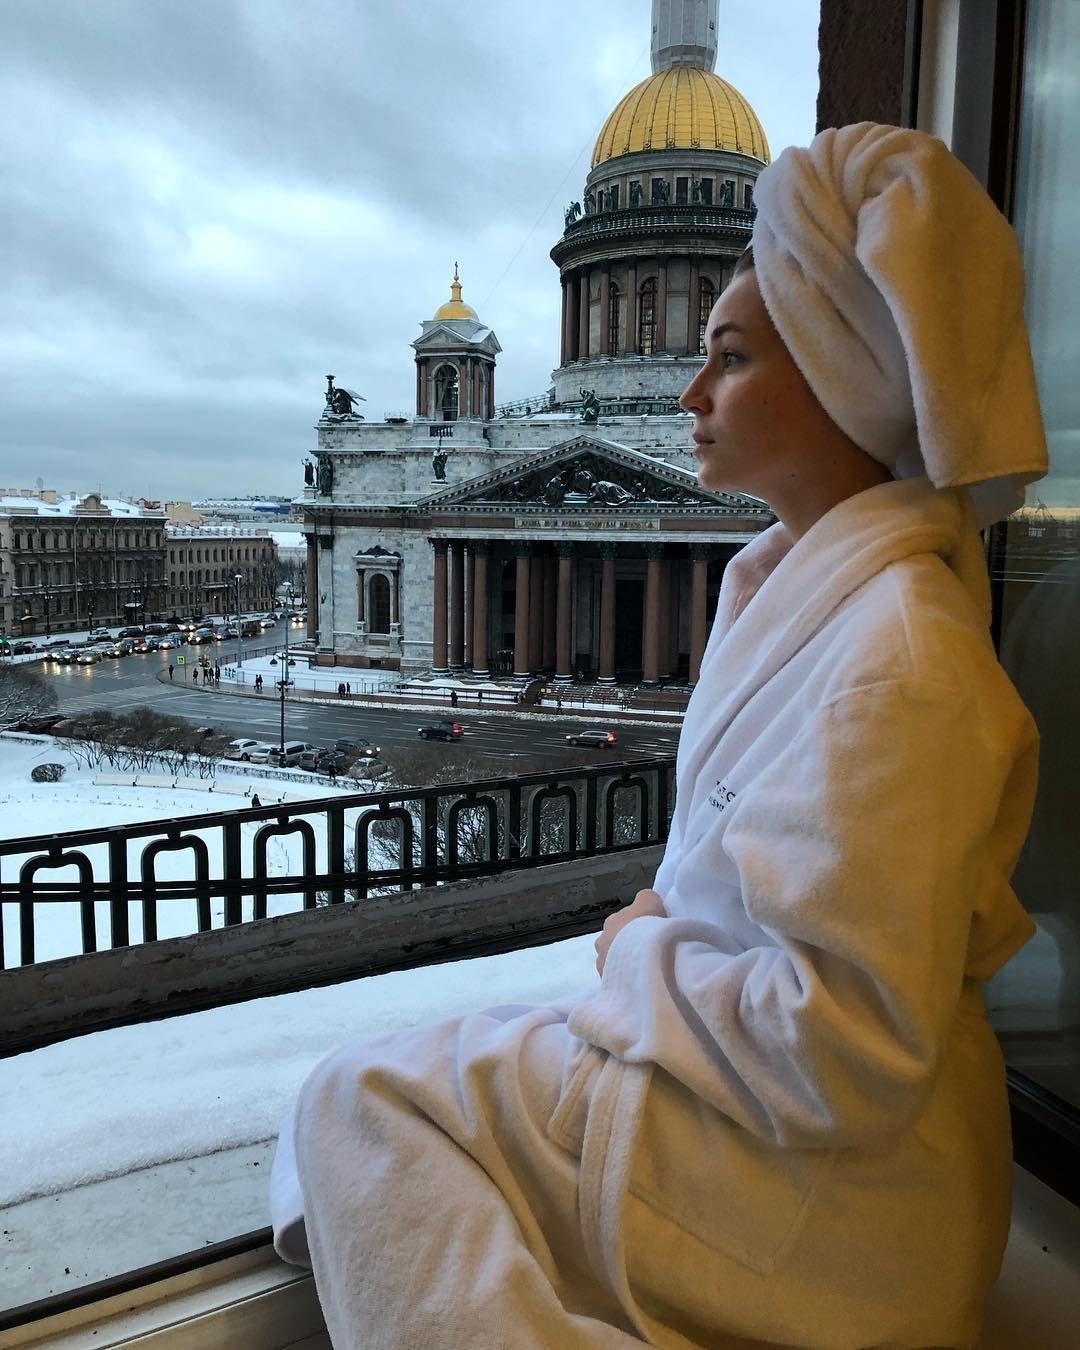 Фото Полины Гагариной из Питера обеспокоило поклонников